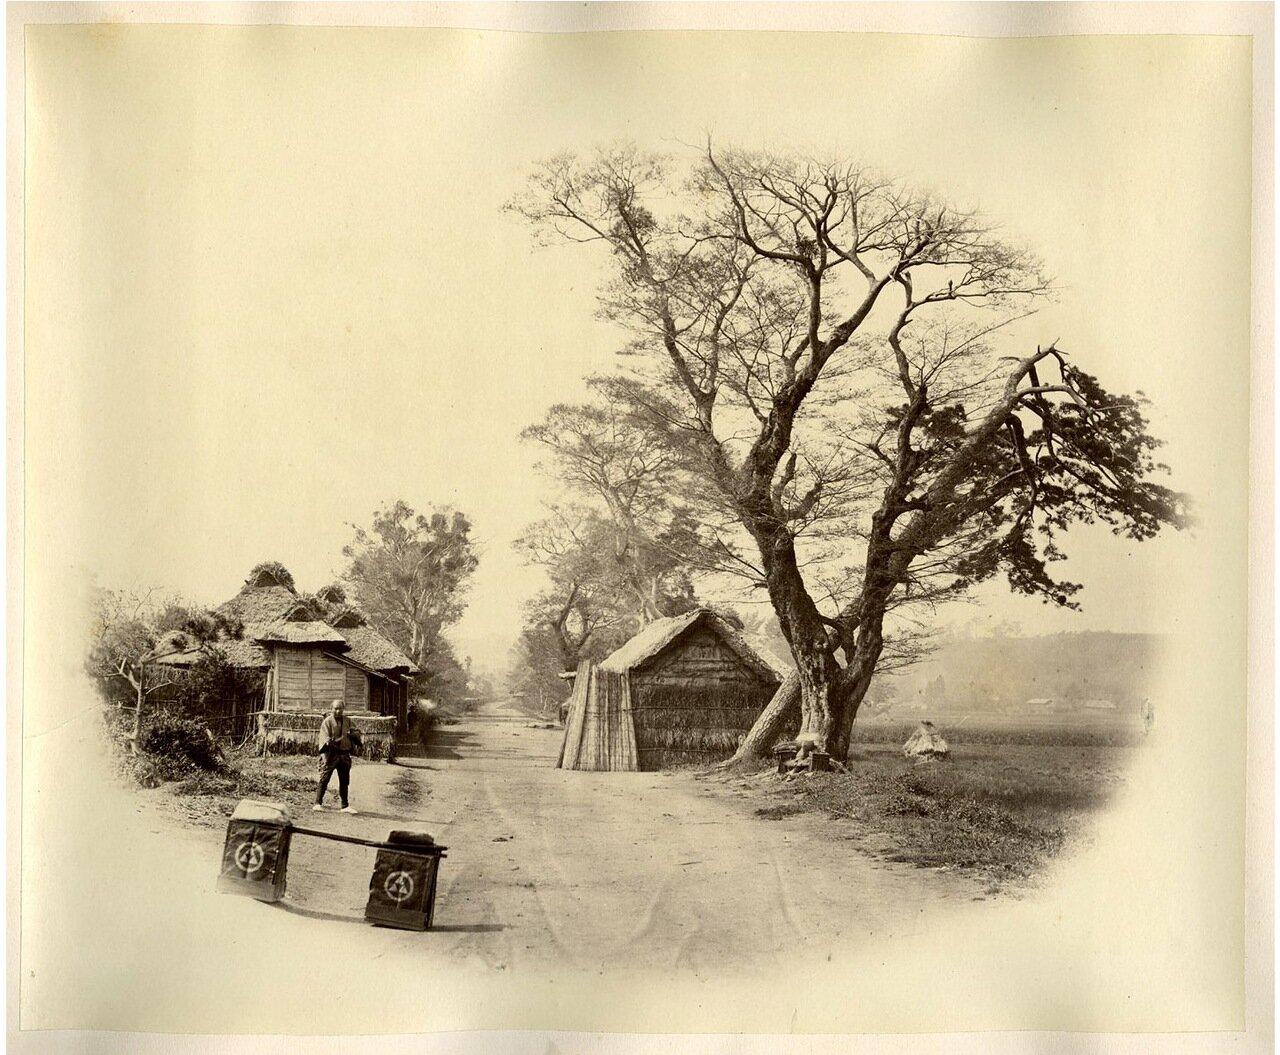 Окрестности Камакуры, где были убиты майор Болдуин и лейтенант Берд